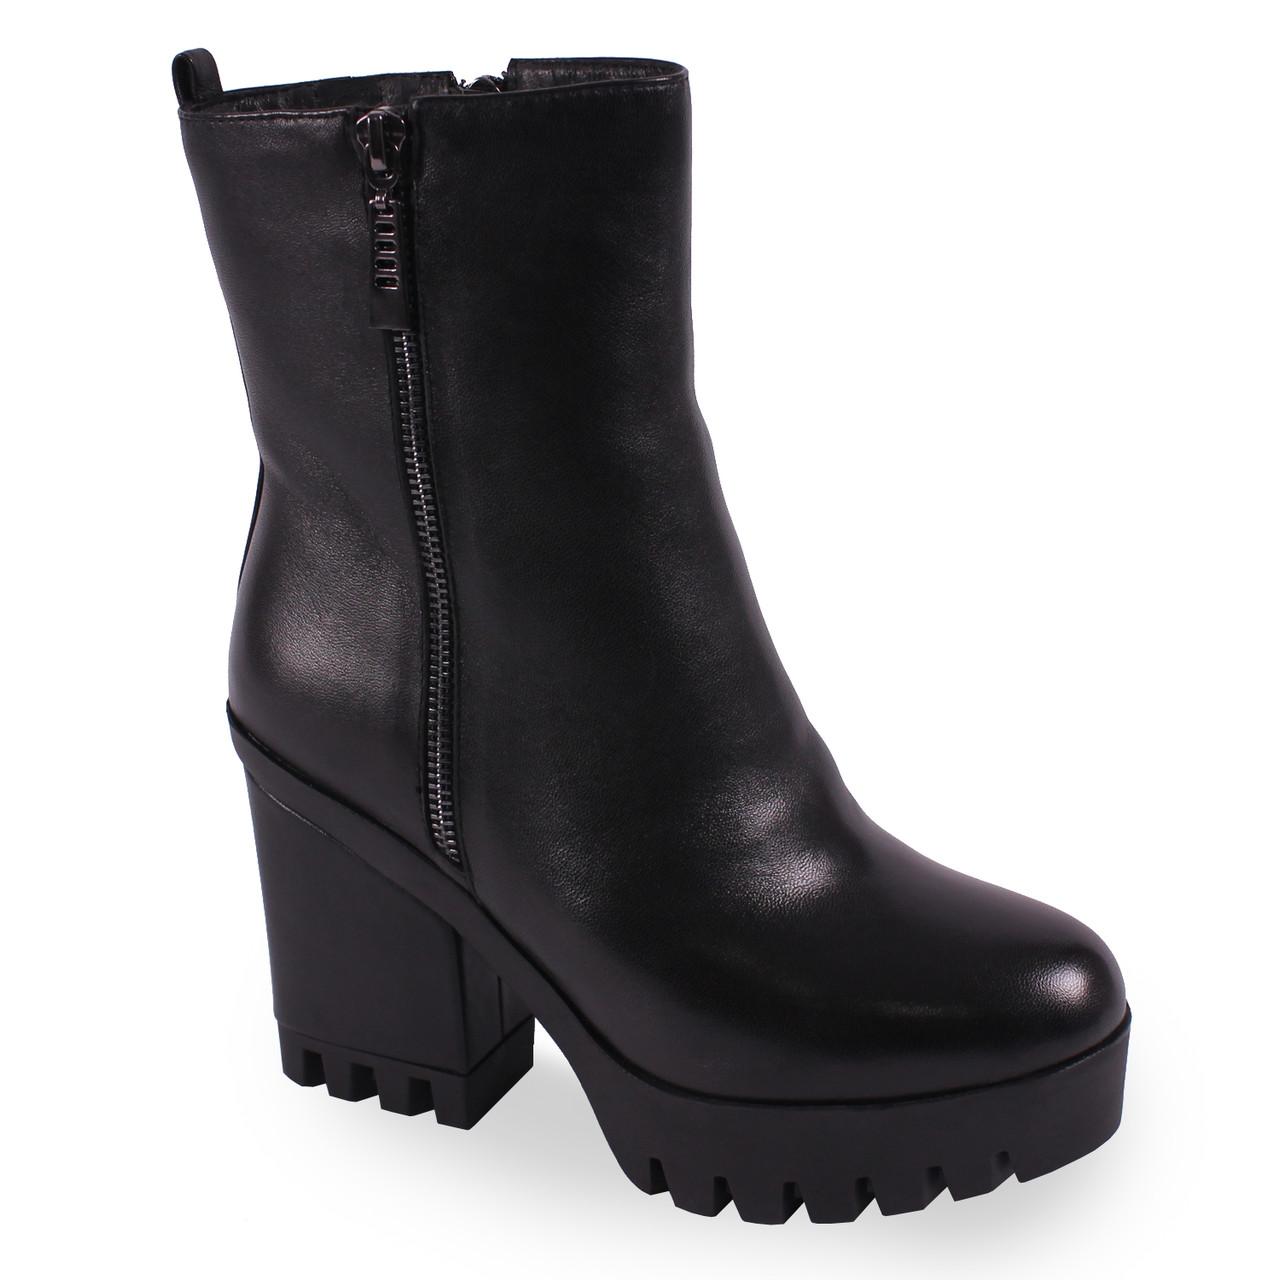 170aeaf9af96d2 Красивые женские ботинки Soti Soni(зимние, тракторная подошва, на каблуке, натуральная  кожа, замок, удобные)